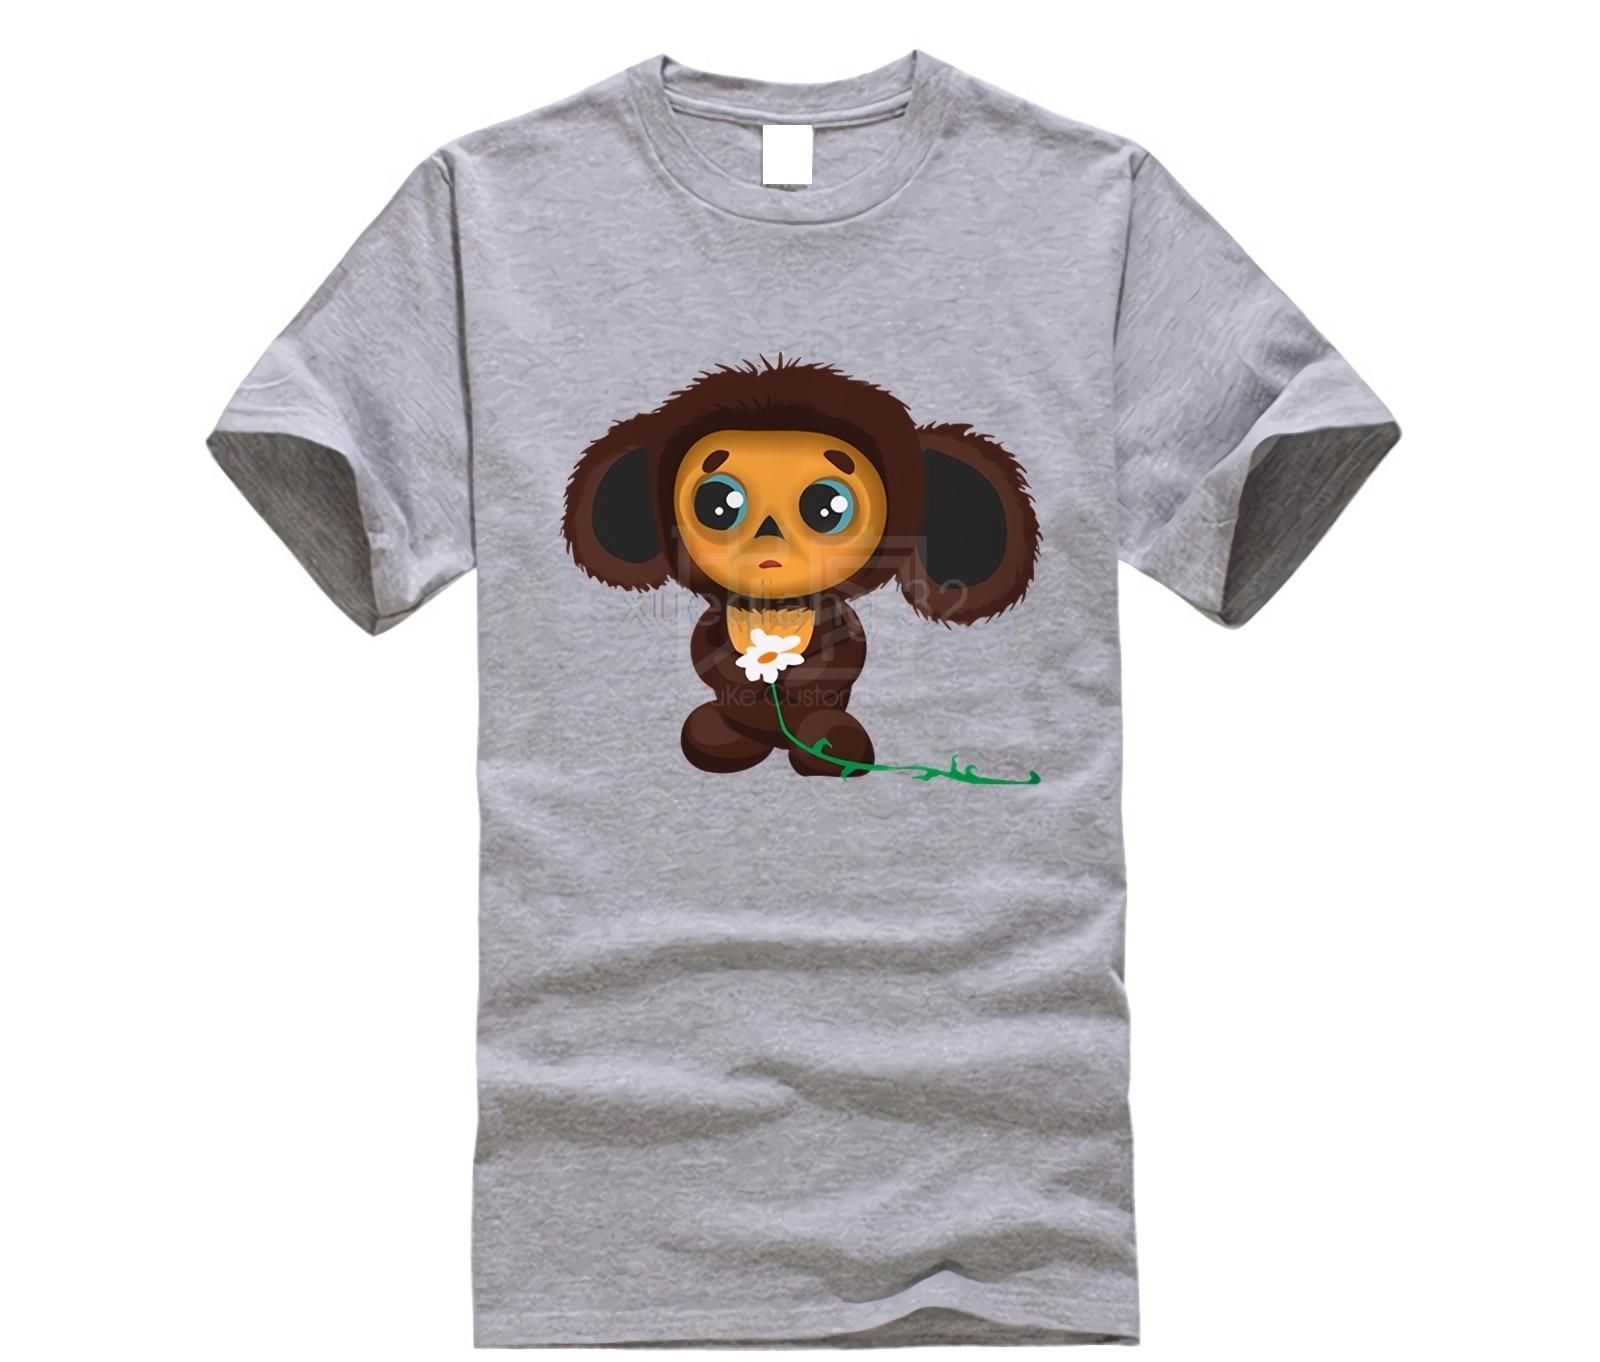 Szczegółowe informacje zwrotne pytania na temat Cheburashka męska koszulka z nadrukiem bawełniana luźna koszulka